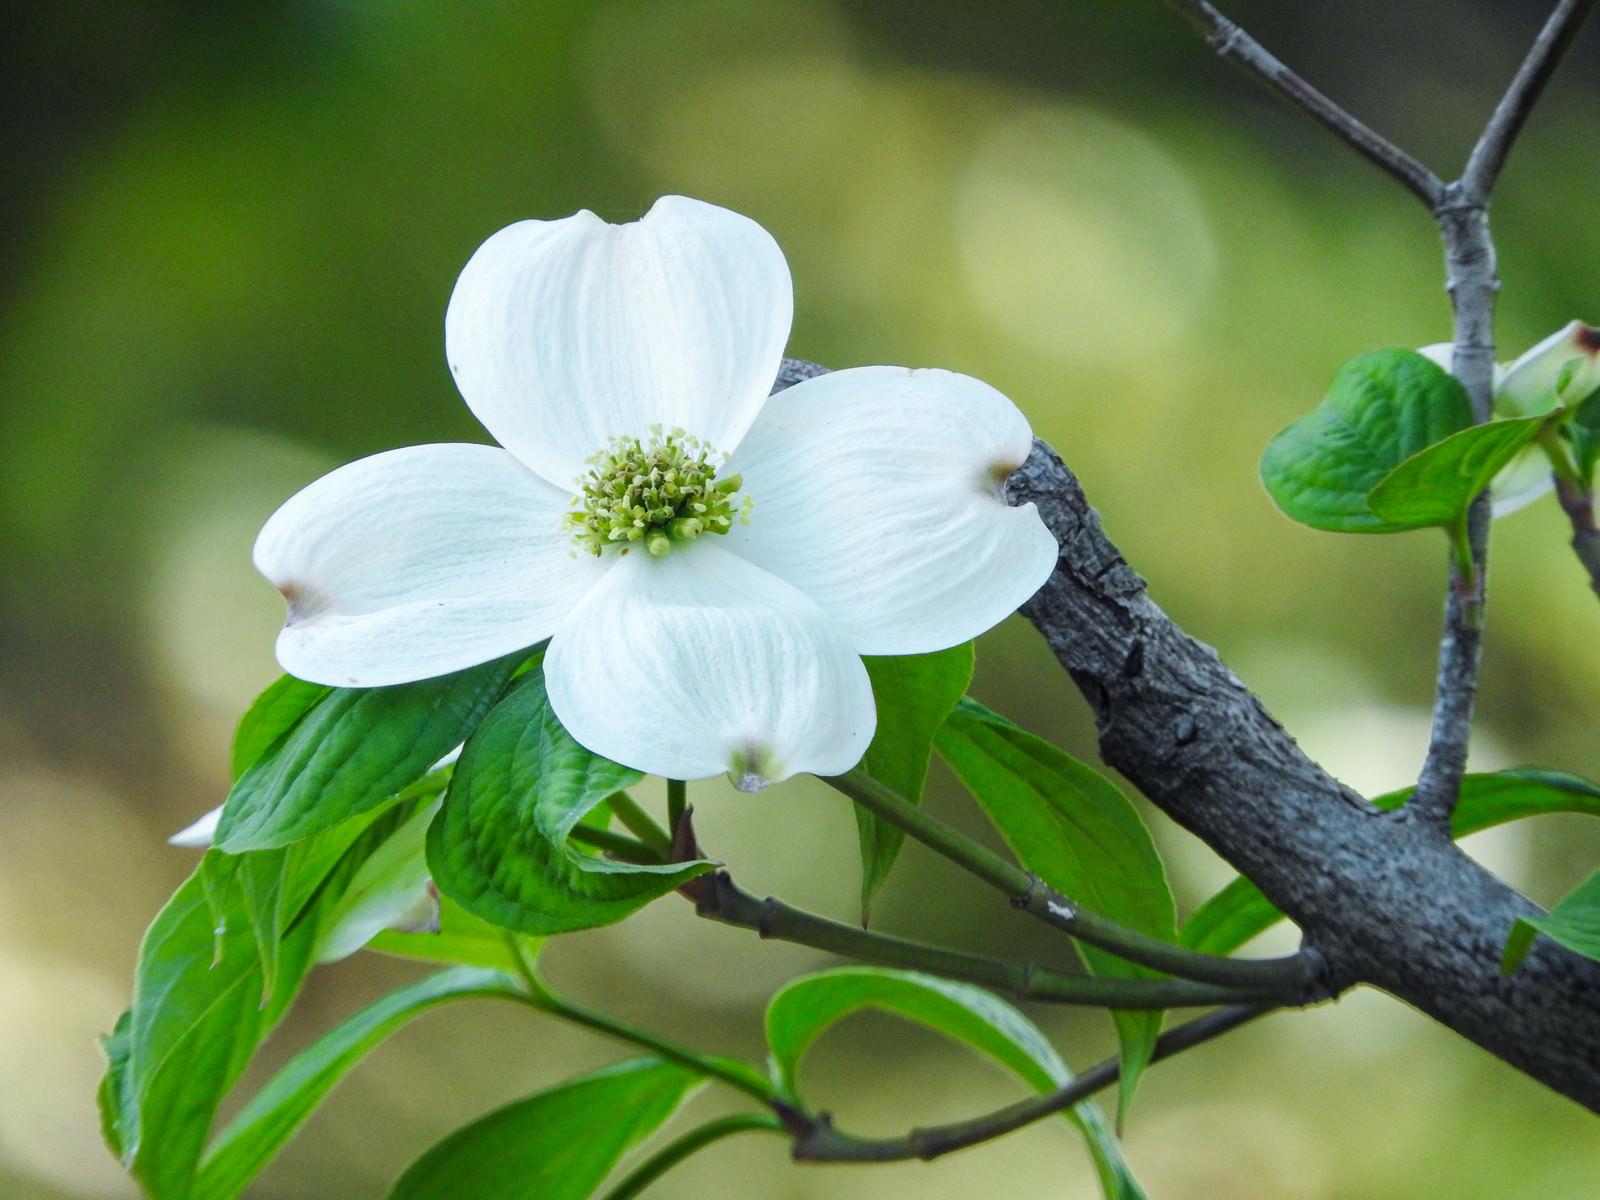 「白いハナミズキの花」の写真